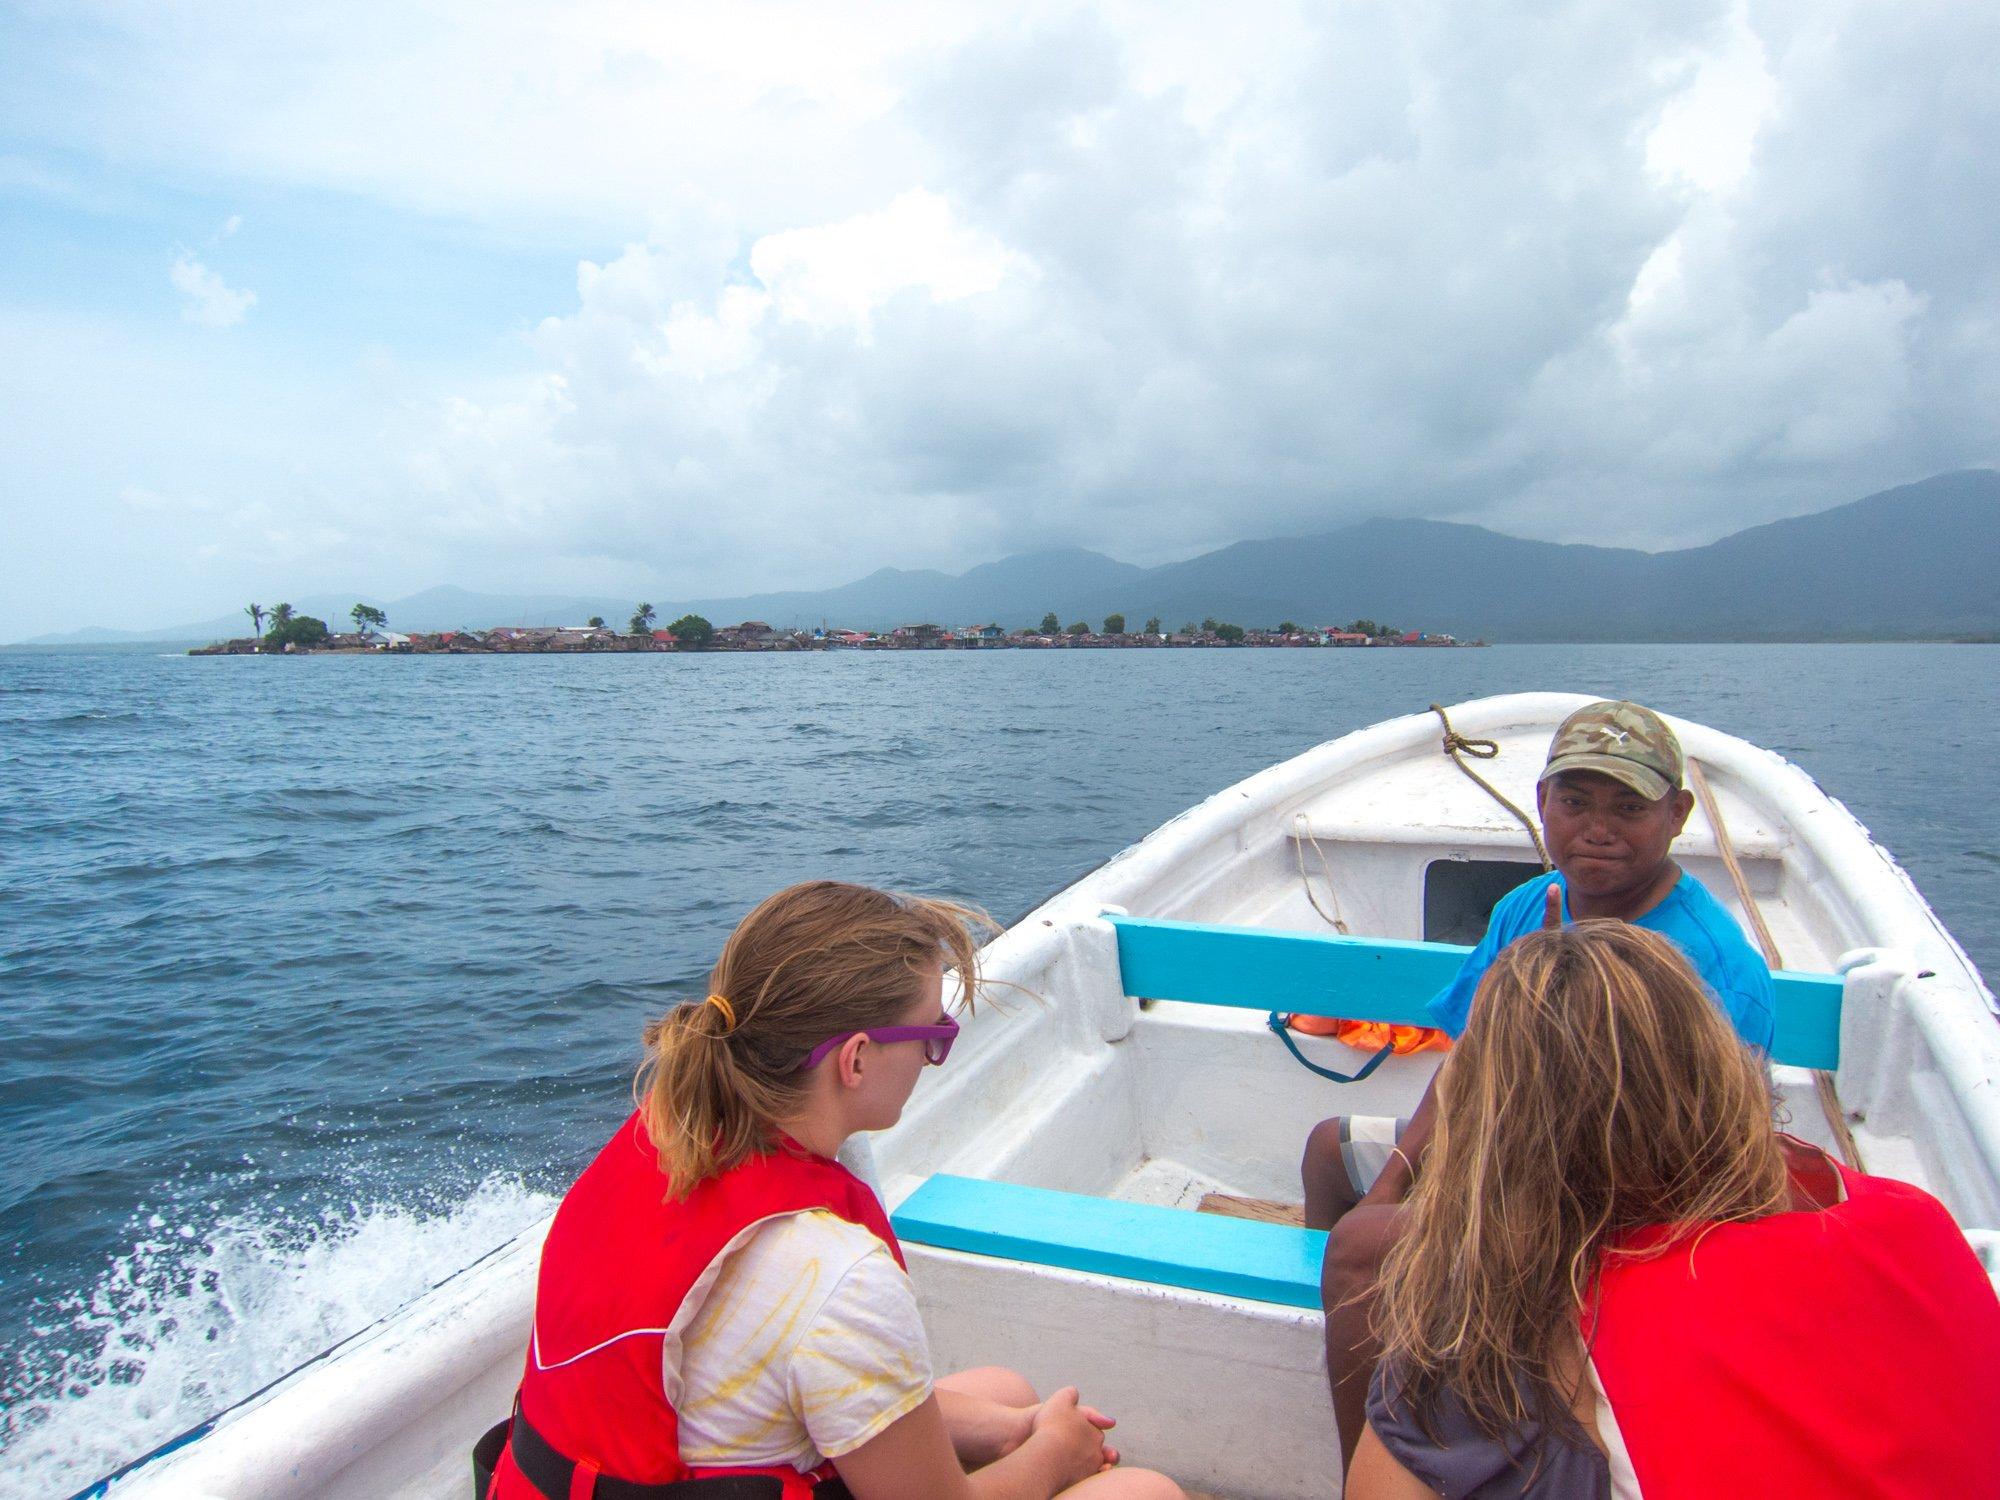 Boat ride in San Blas